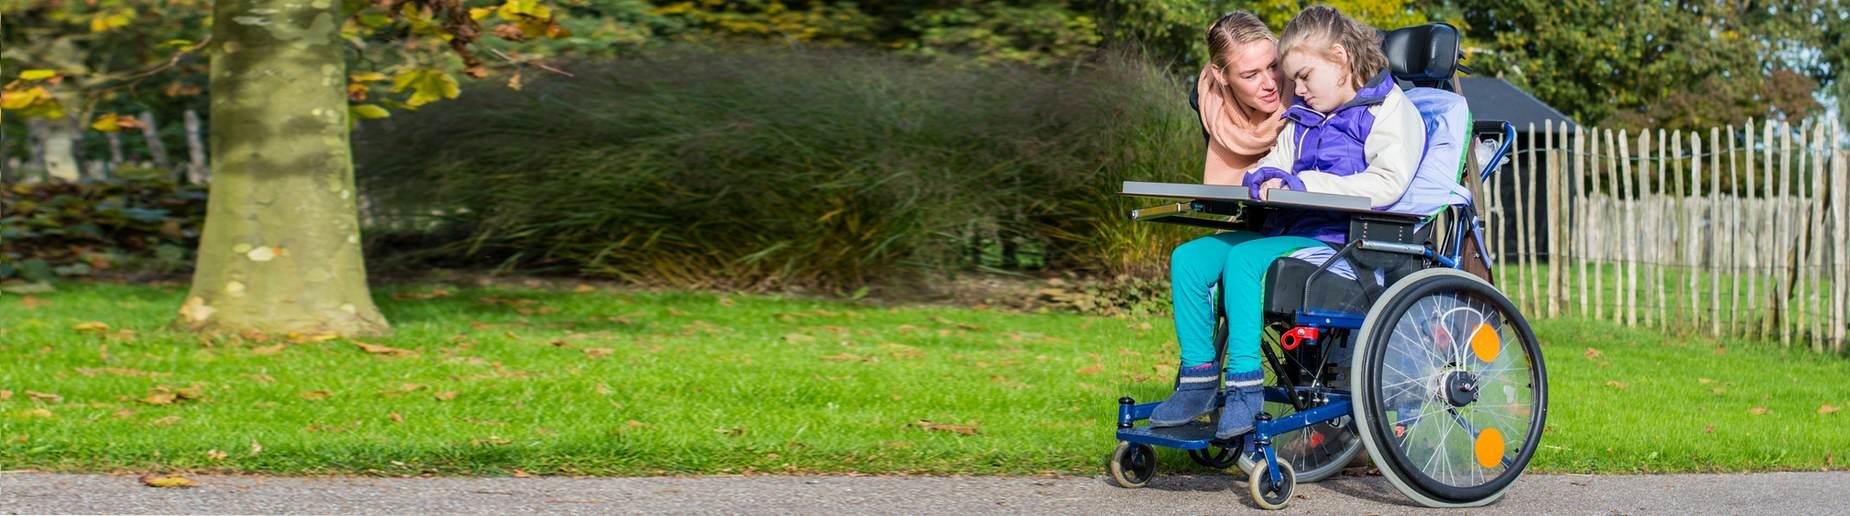 כסאות גלגלים   כיסאות רחצה   כיסאות סיעוד